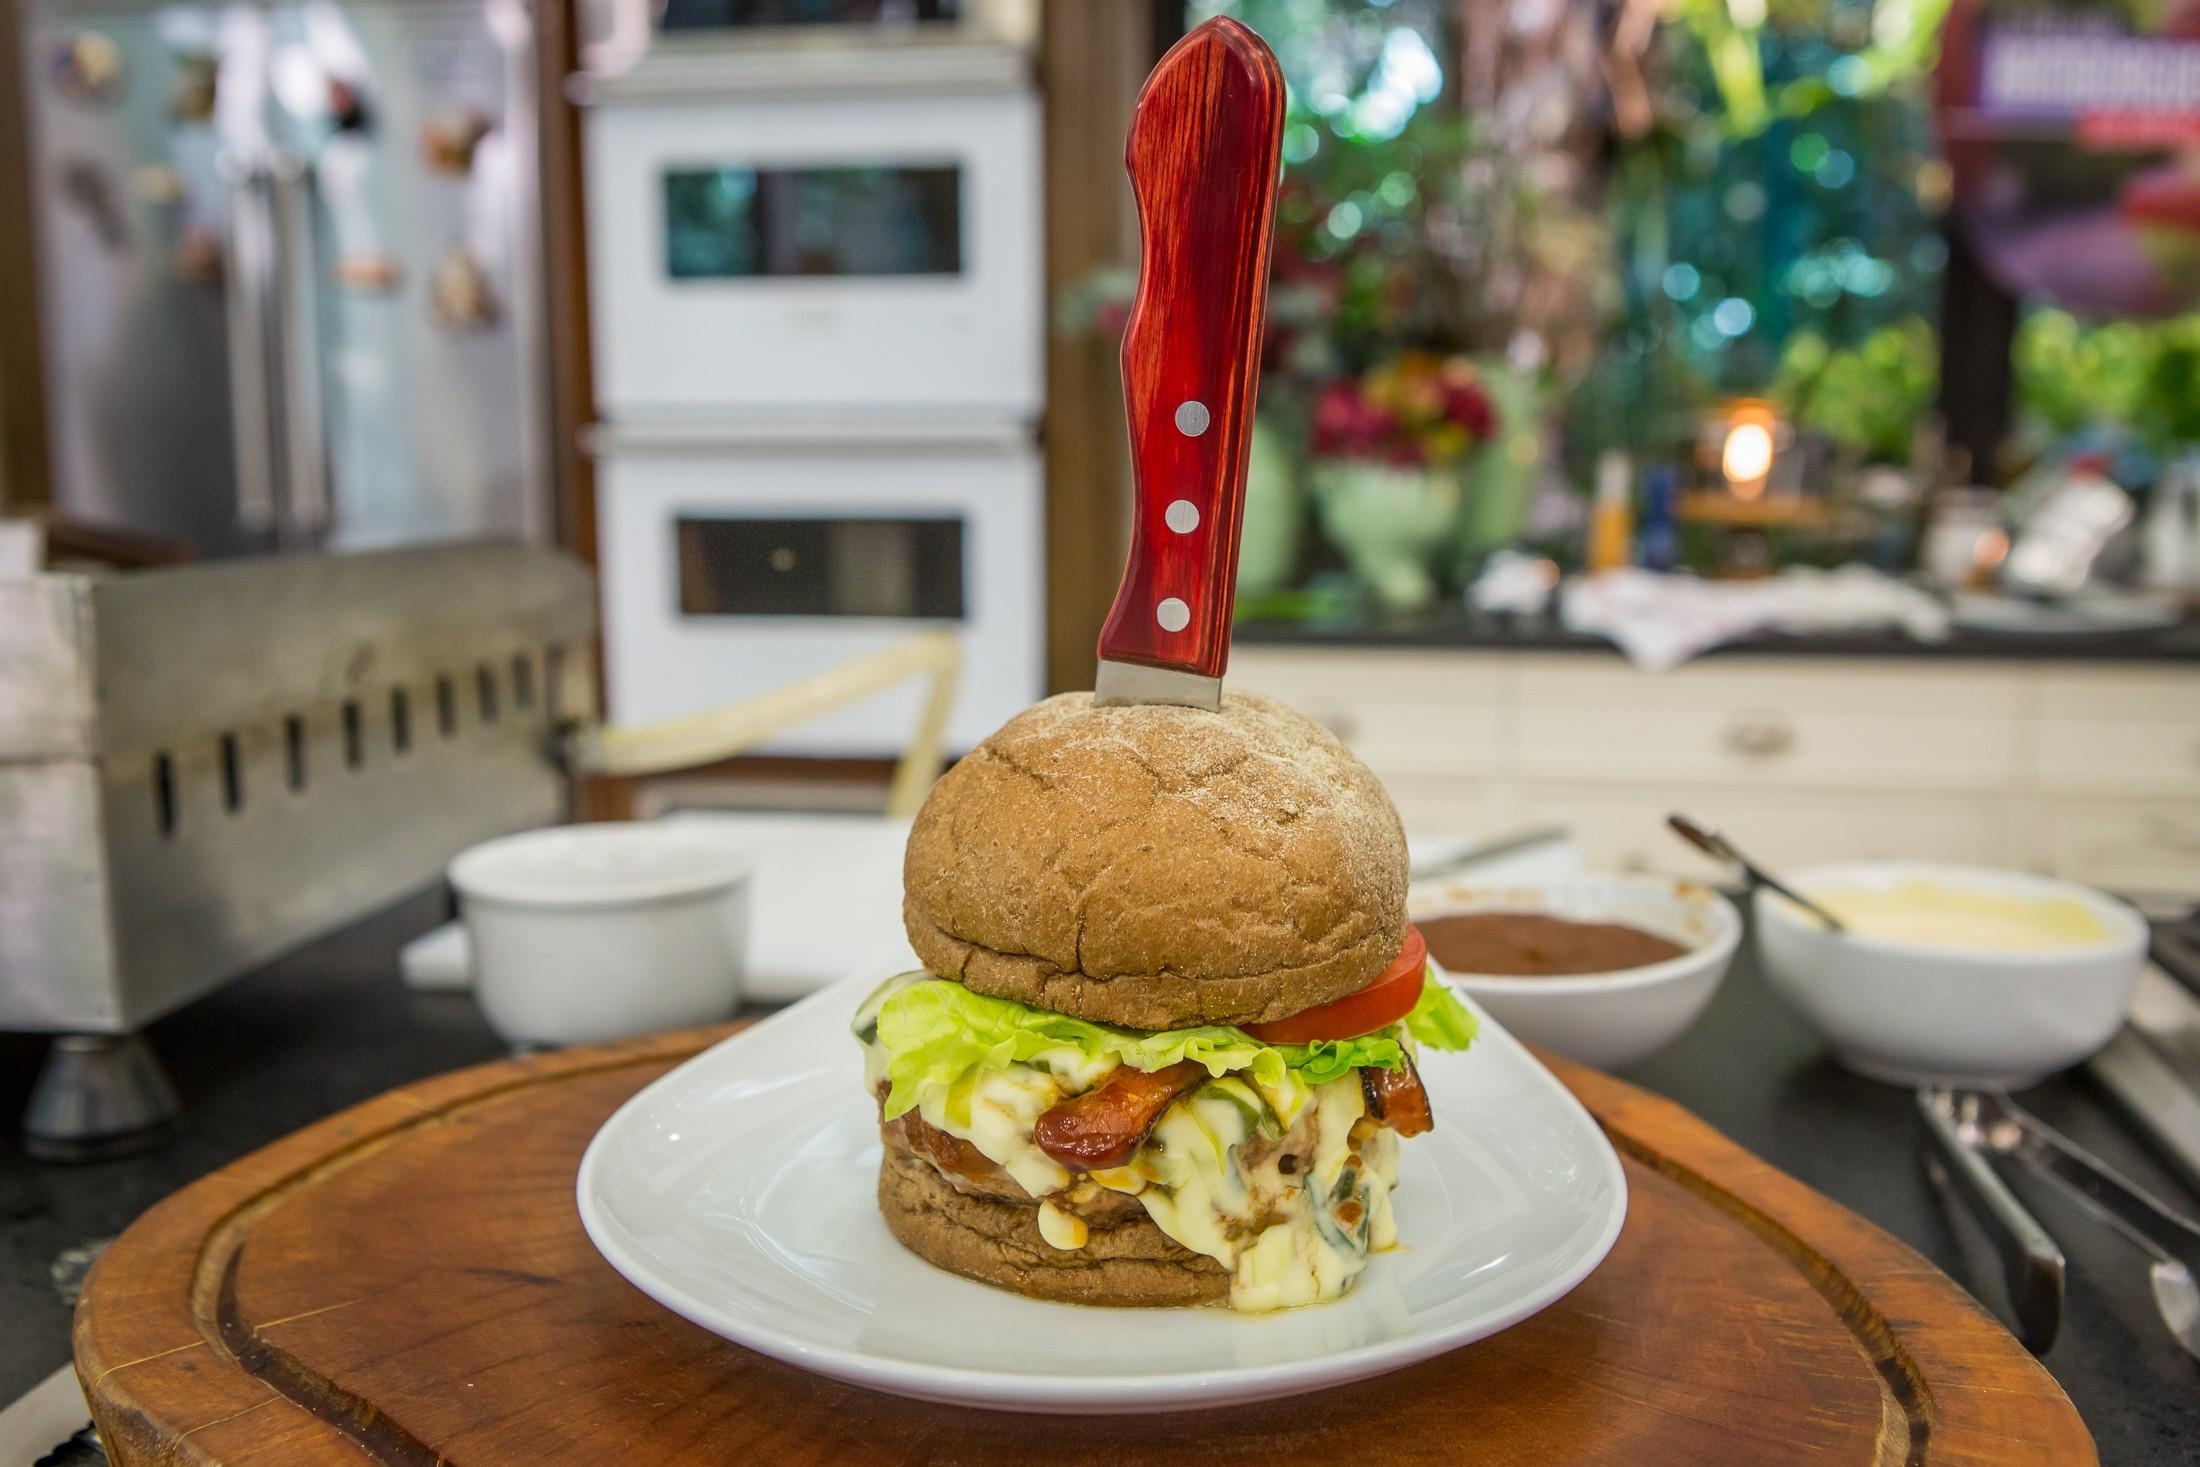 Receita faz parte do concurso 'O Melhor Hambúrguer do Brasil'